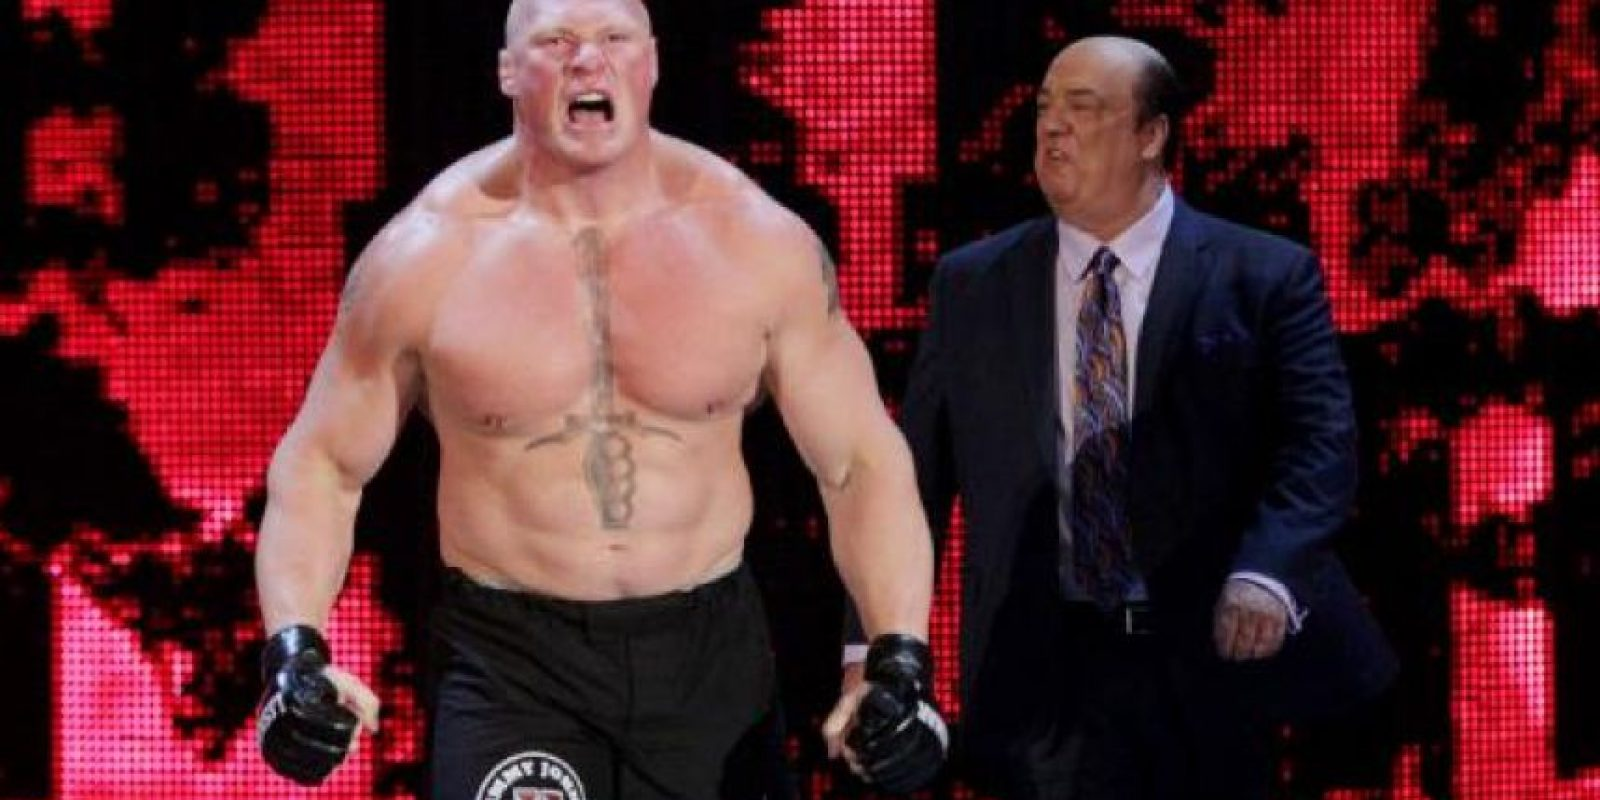 """Después de vencer a """"Taker"""" en Wrestlemania 30, podría haberse retirado pero ha continuado engrandeciendo su nombre en el entretenimiento deportivo Foto:WWE"""